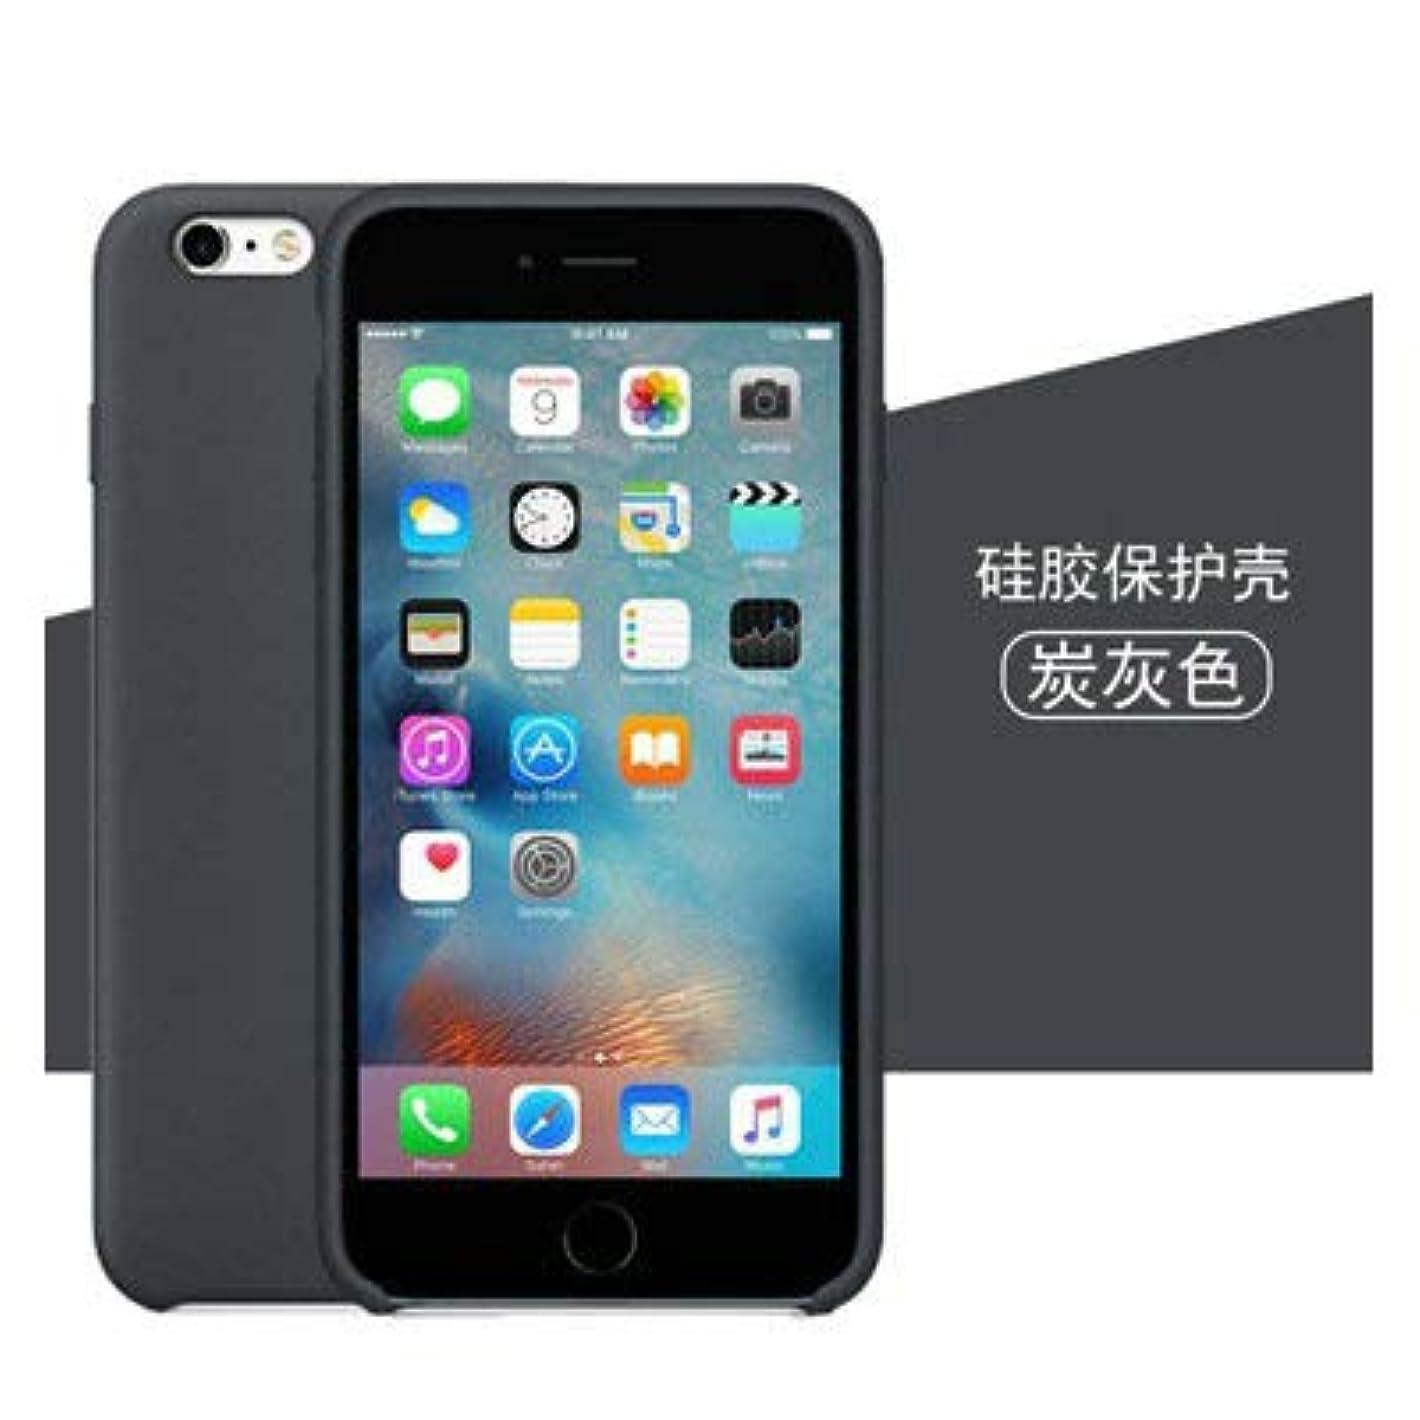 後遮るホバートiPhone ケース レディース メンズ 携帯ケース iPhone7/8/7Plus/8Plus,iPhone X/XR,iPhoneXS/XS MAX (iPhone XS ケース)